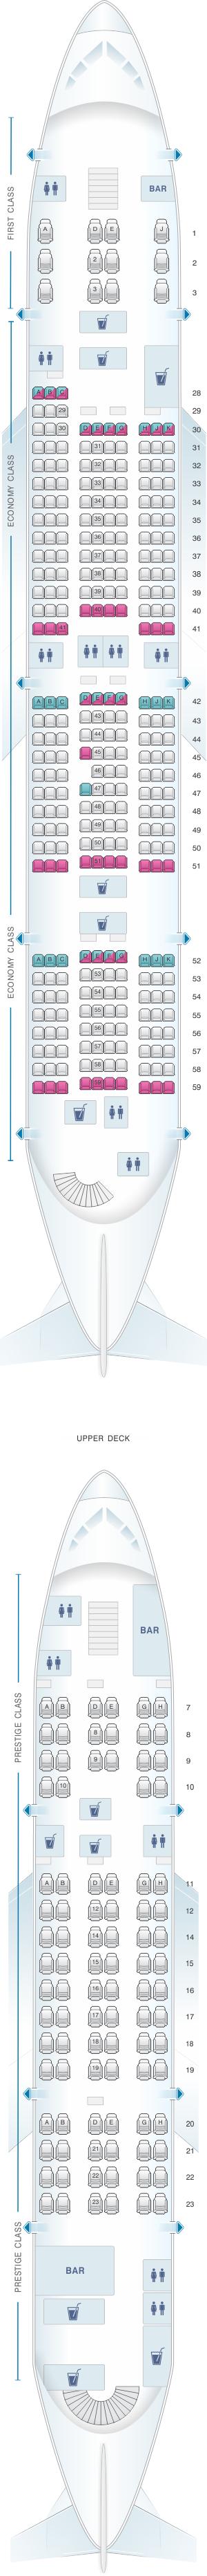 Seat map for Korean Air Airbus A380 800 407PAX